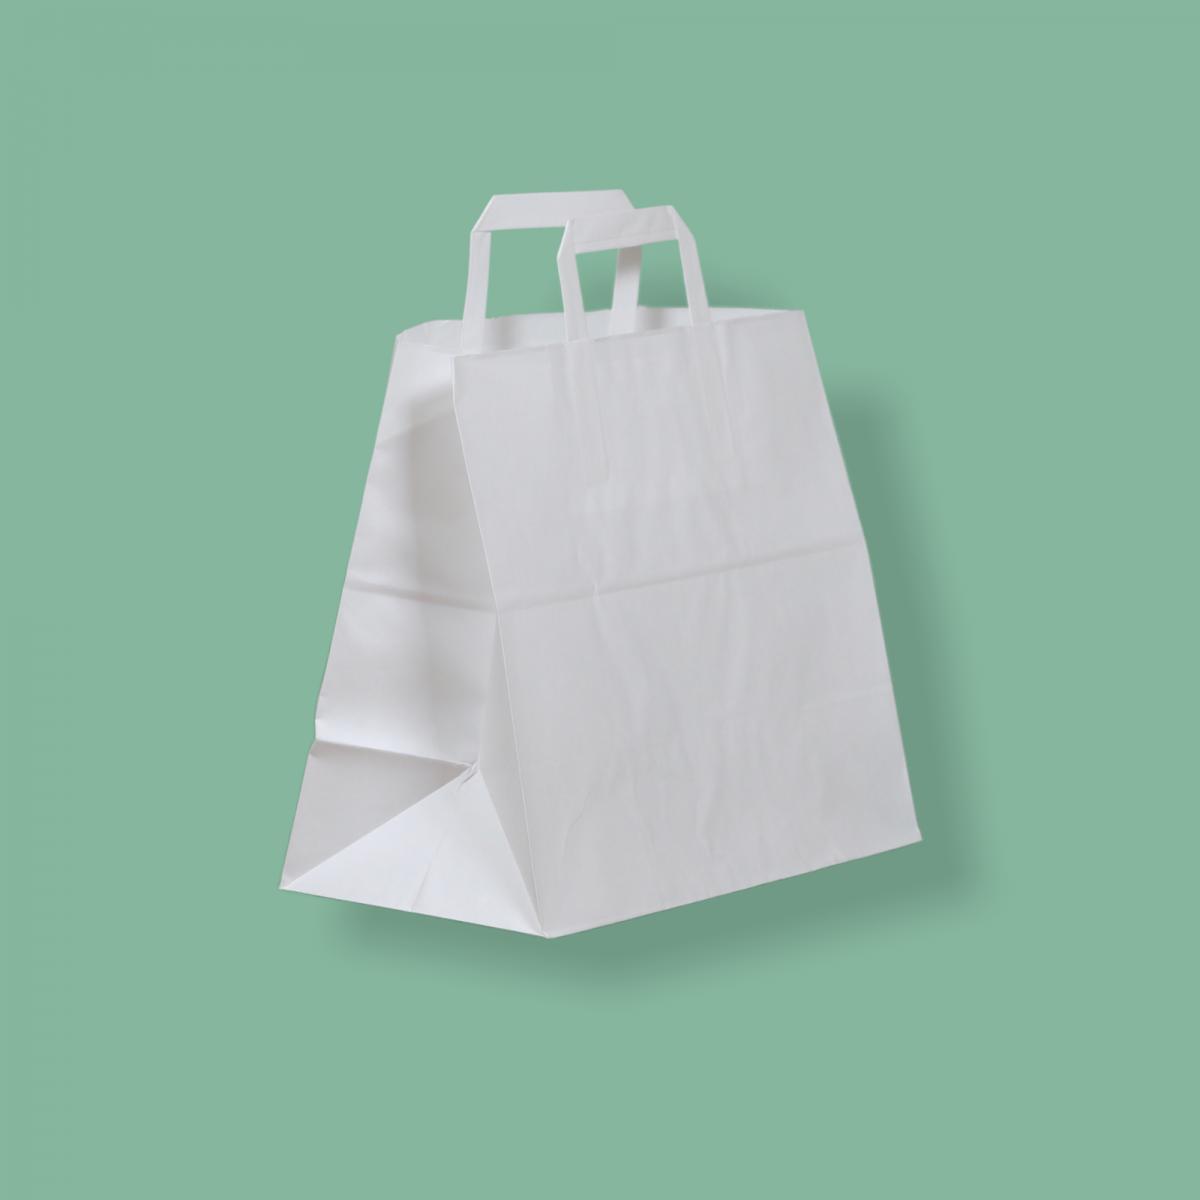 Szalagfüles papírtáska 32x27+17 cm fehér